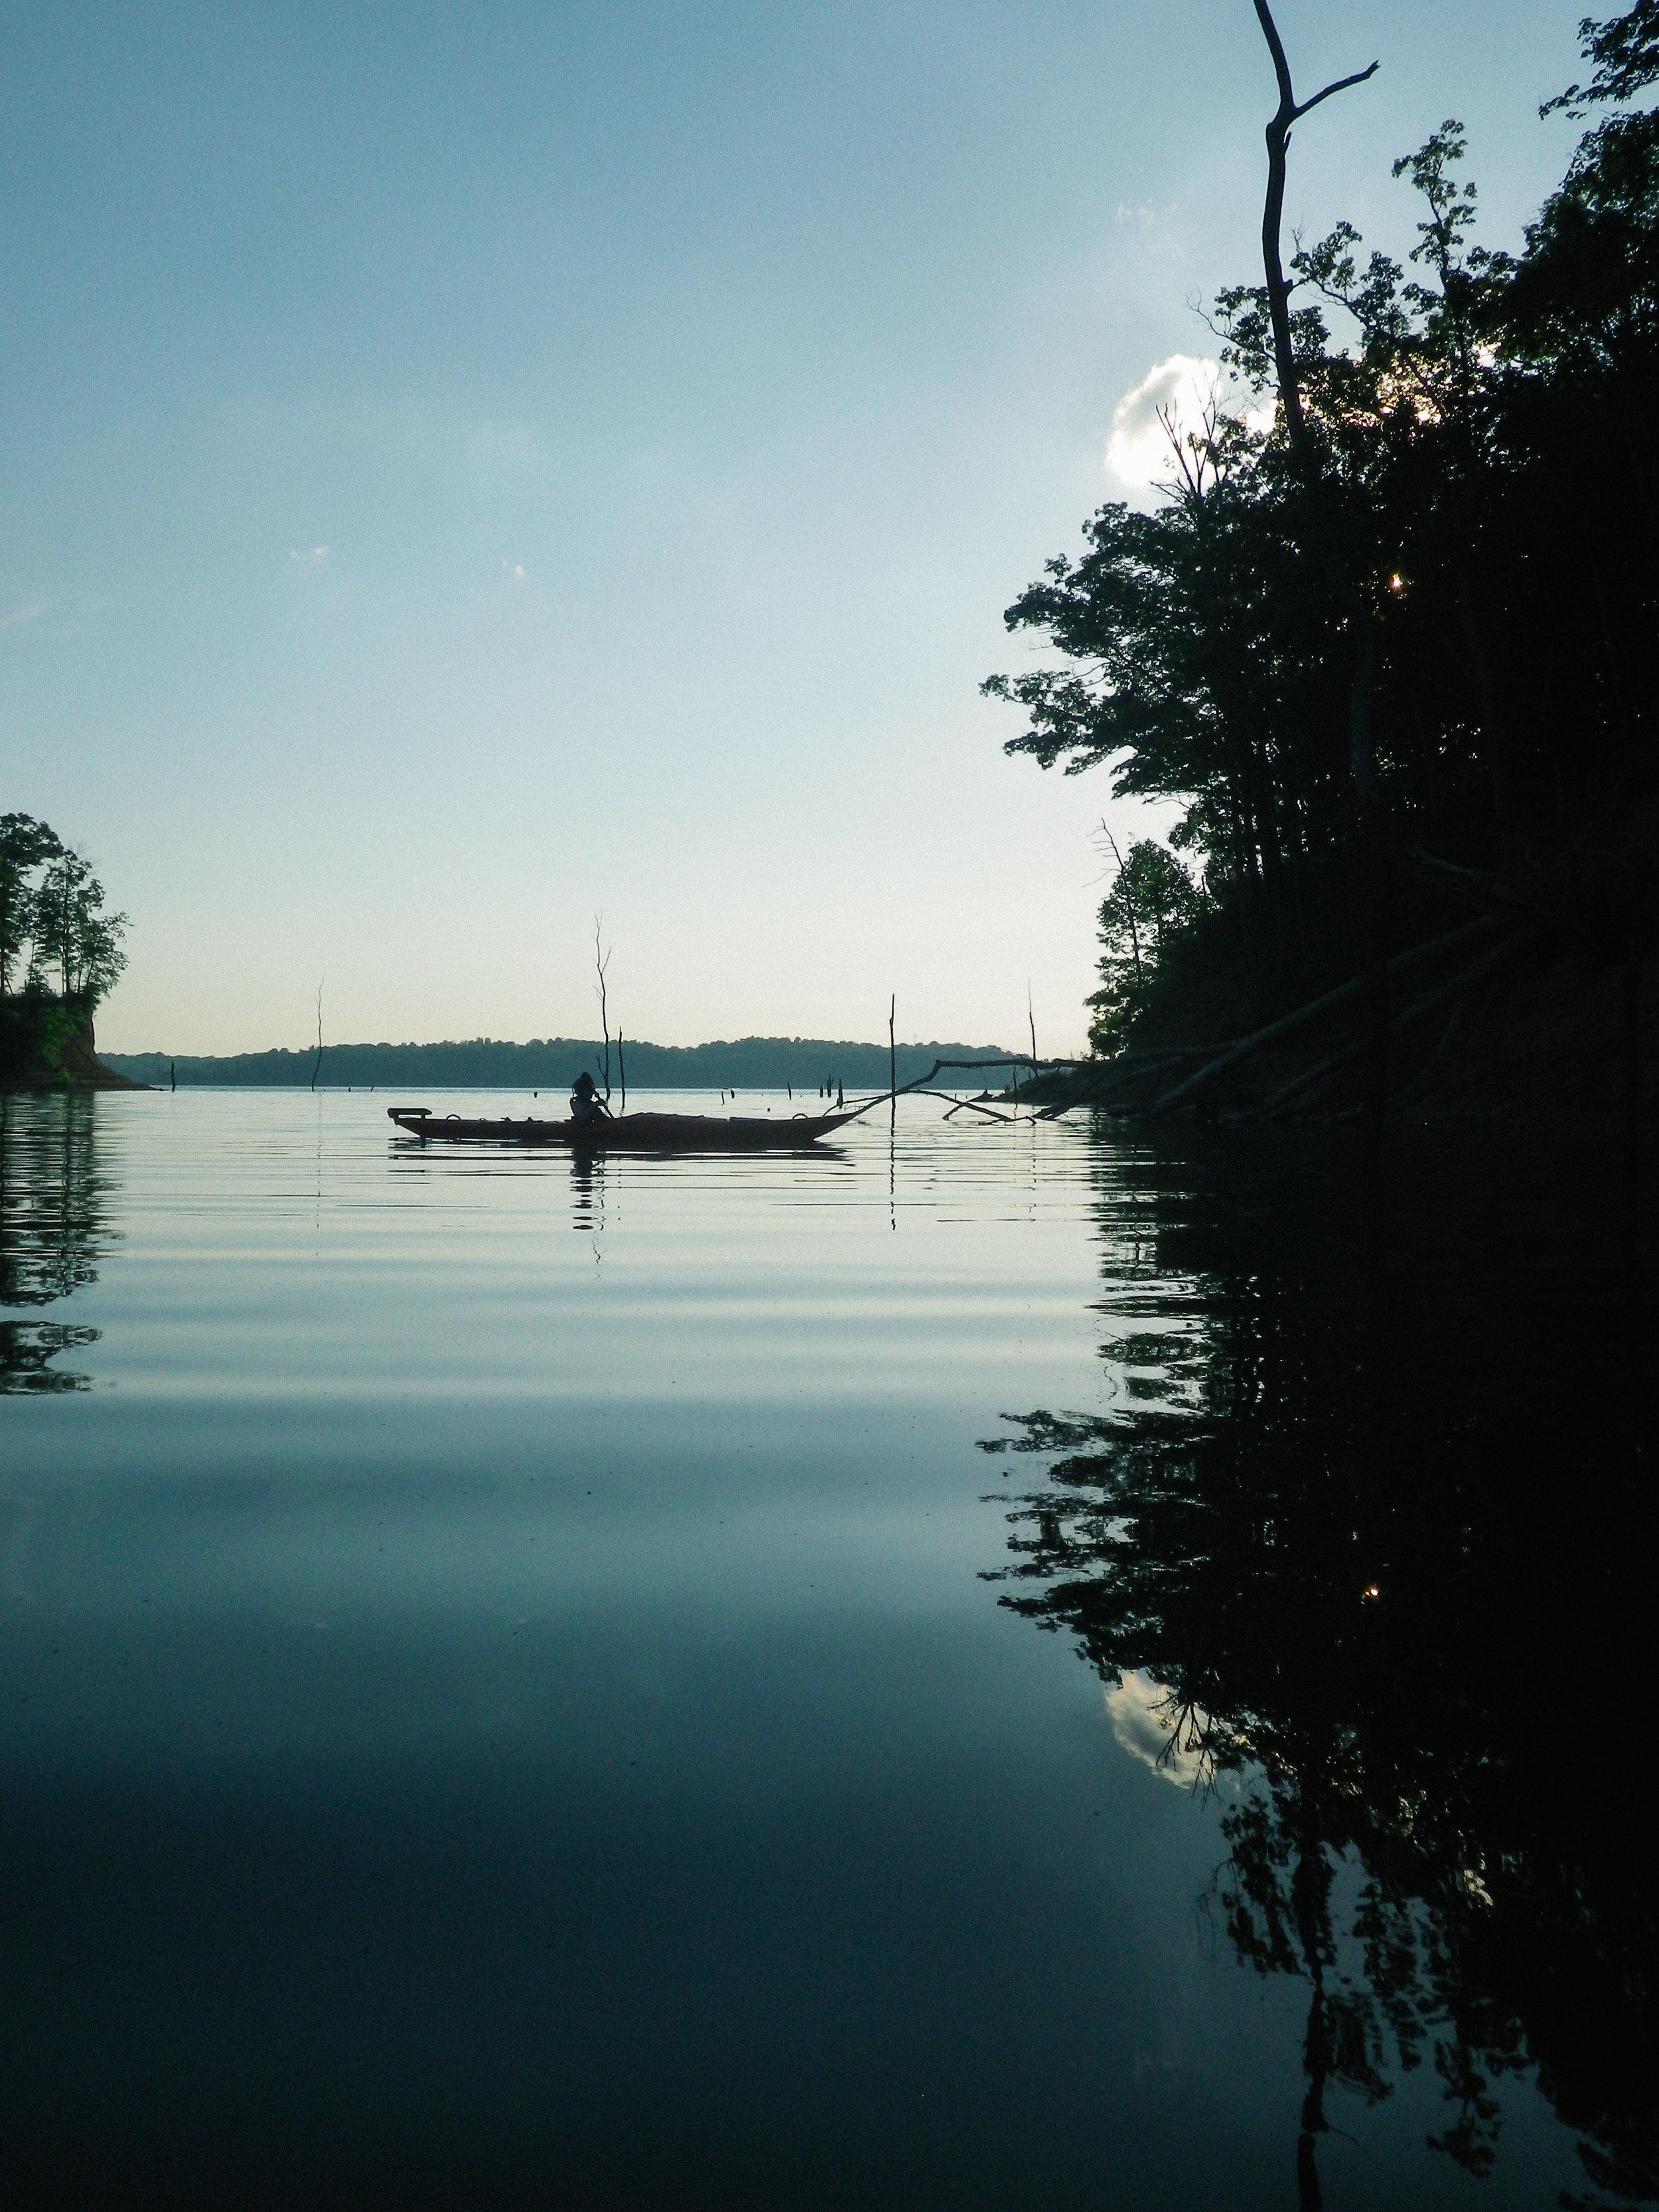 Day 14 - Maiden Voyage